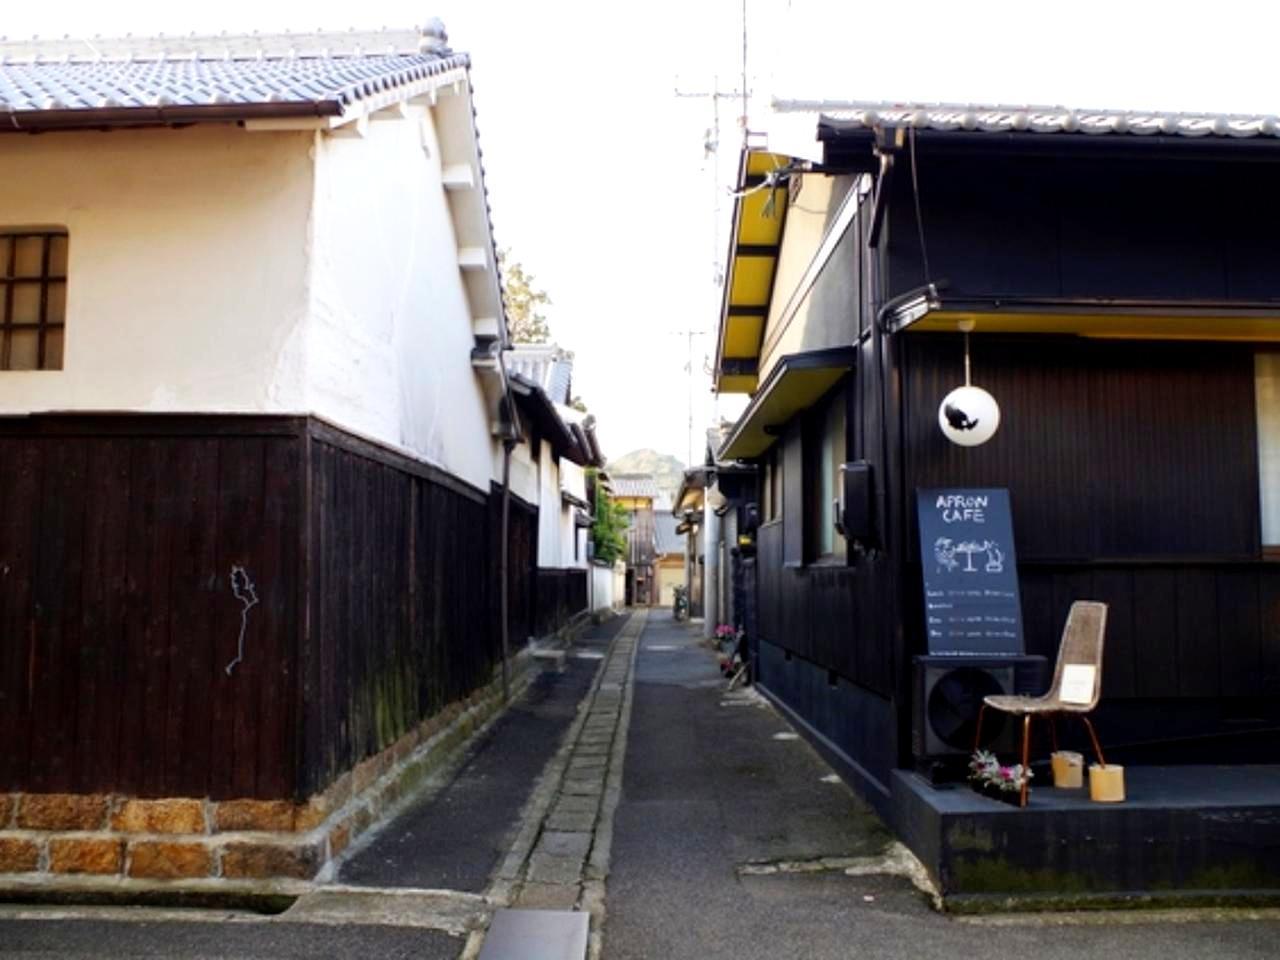 画像: ノスタルジックな街並み。古民家を利用した洒落たカフェも多くある